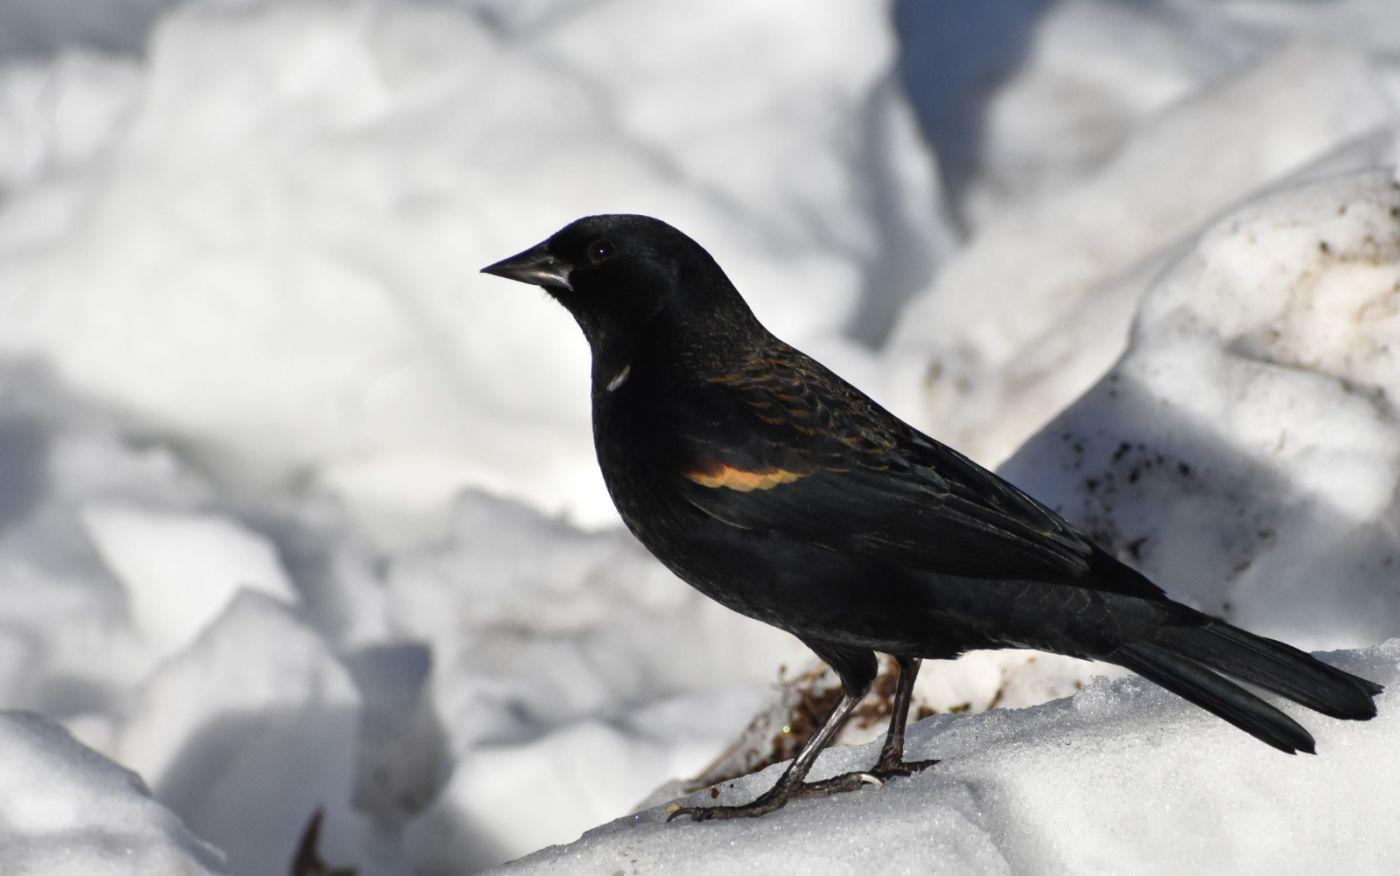 雪后鸟儿忙觅食_图1-32